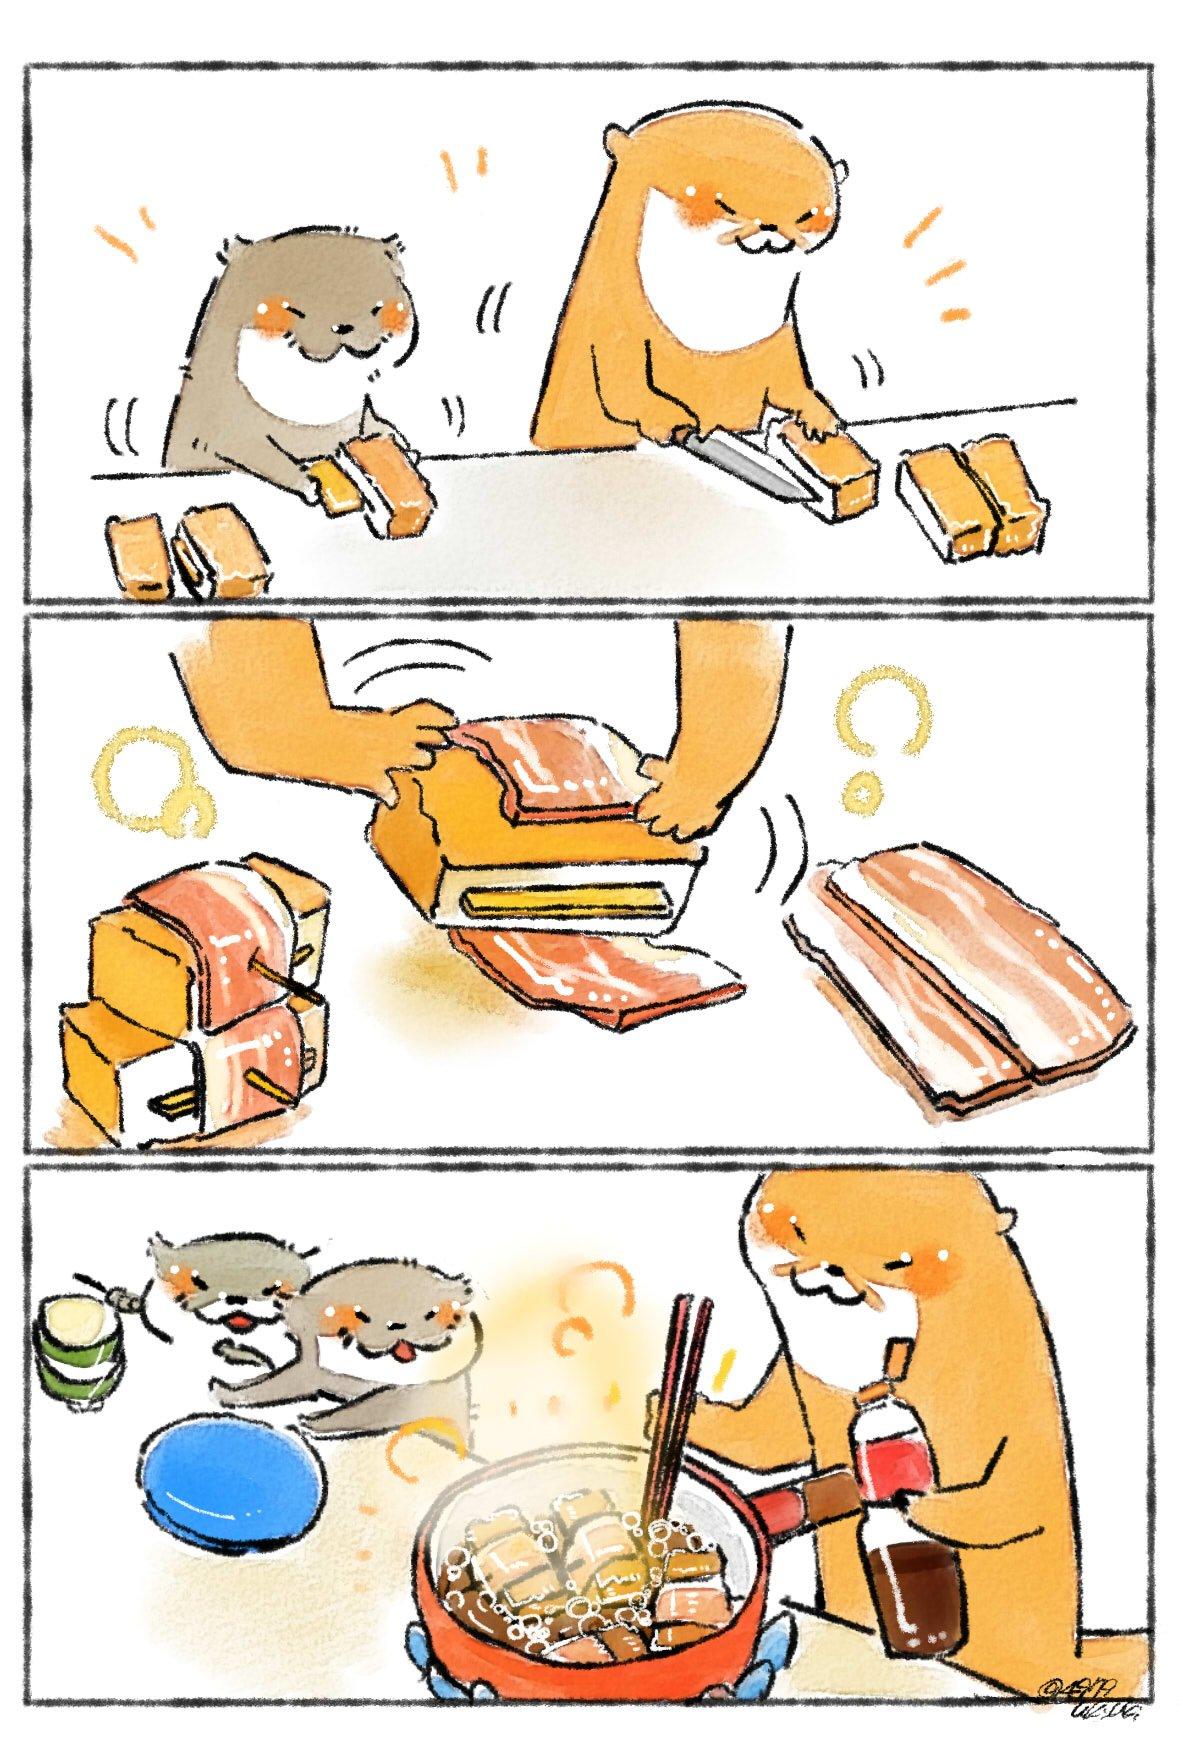 小さな厚揚げに切り込みをいれ、そこに溶けるチーズを入れます。更にそれを、ベーコンで巻いて、油でカリッと焼けば完成✨ 味付けは塩コショウがおすすめですが、ご飯のおかずには焼肉のタレでジュワ〰っと焼く事をオススメします✨